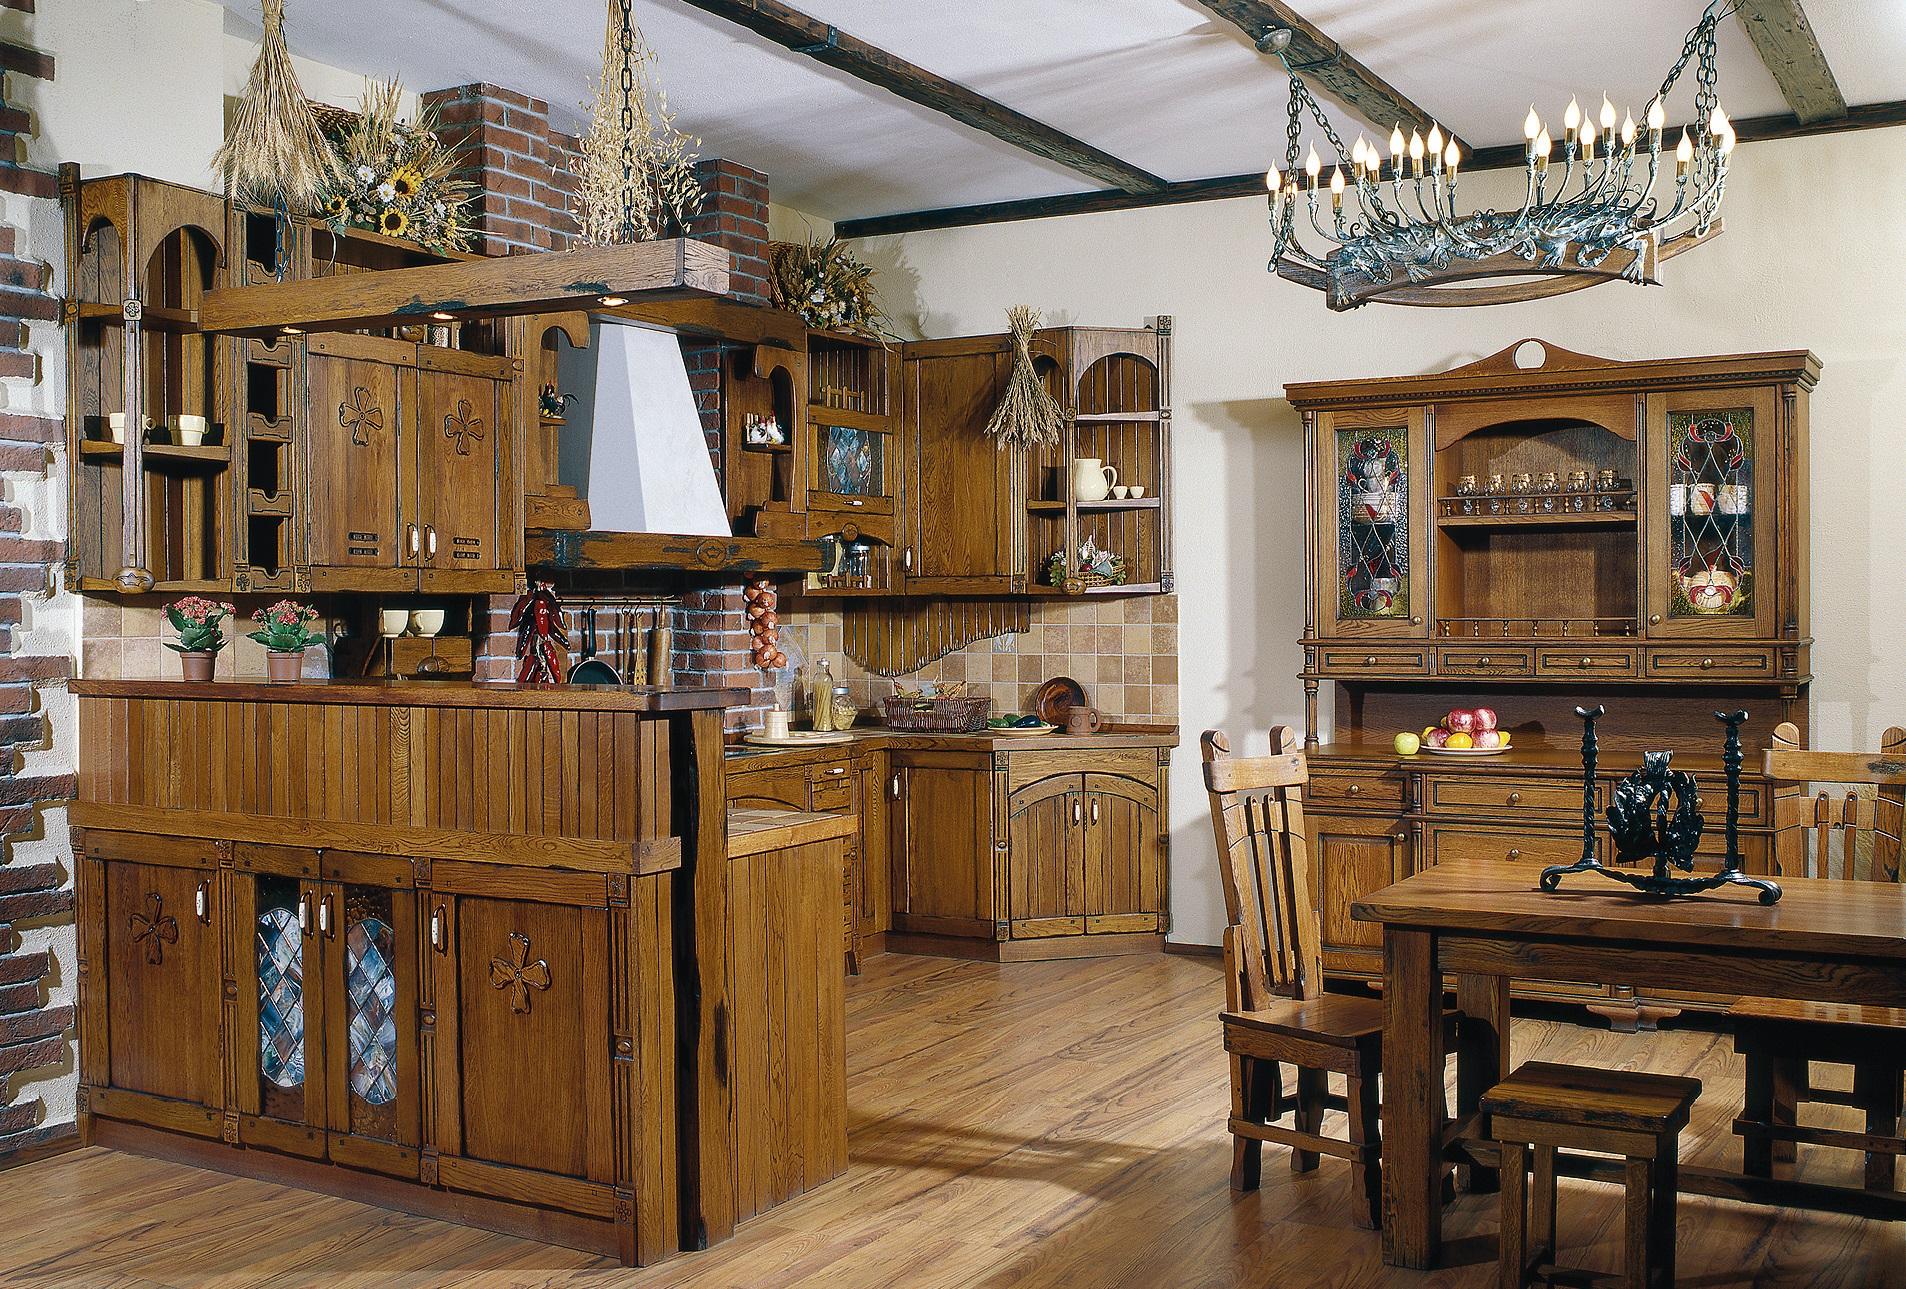 Деревянный кухонный гарнитур в стиле кантри